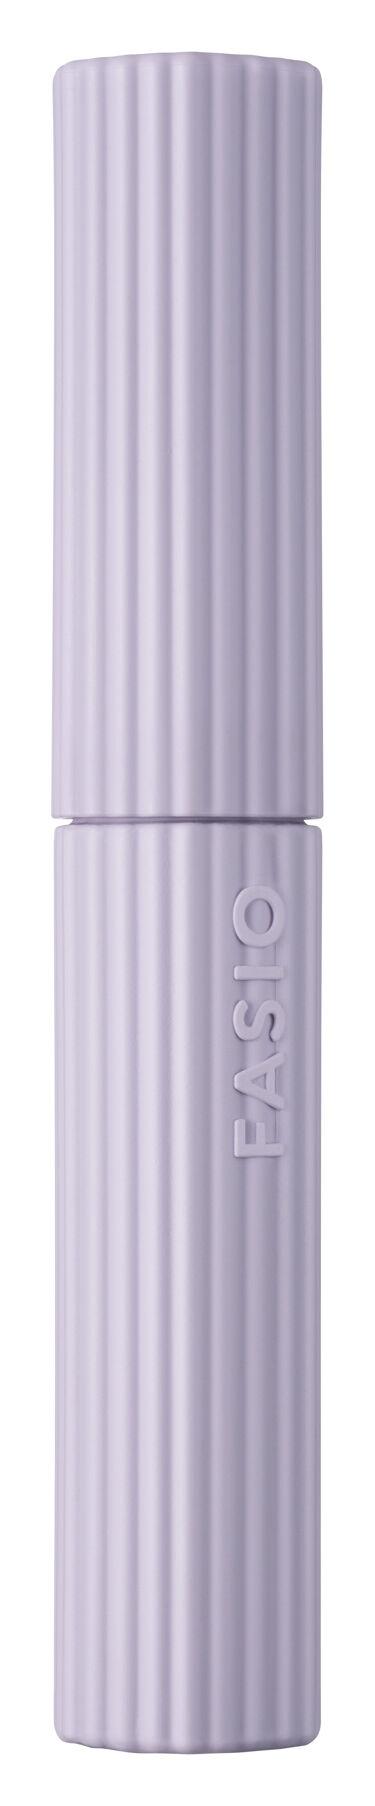 2021/11/16発売 FASIO ファシオ パーマネントカール マスカラ ハイブリッド(ボリューム)